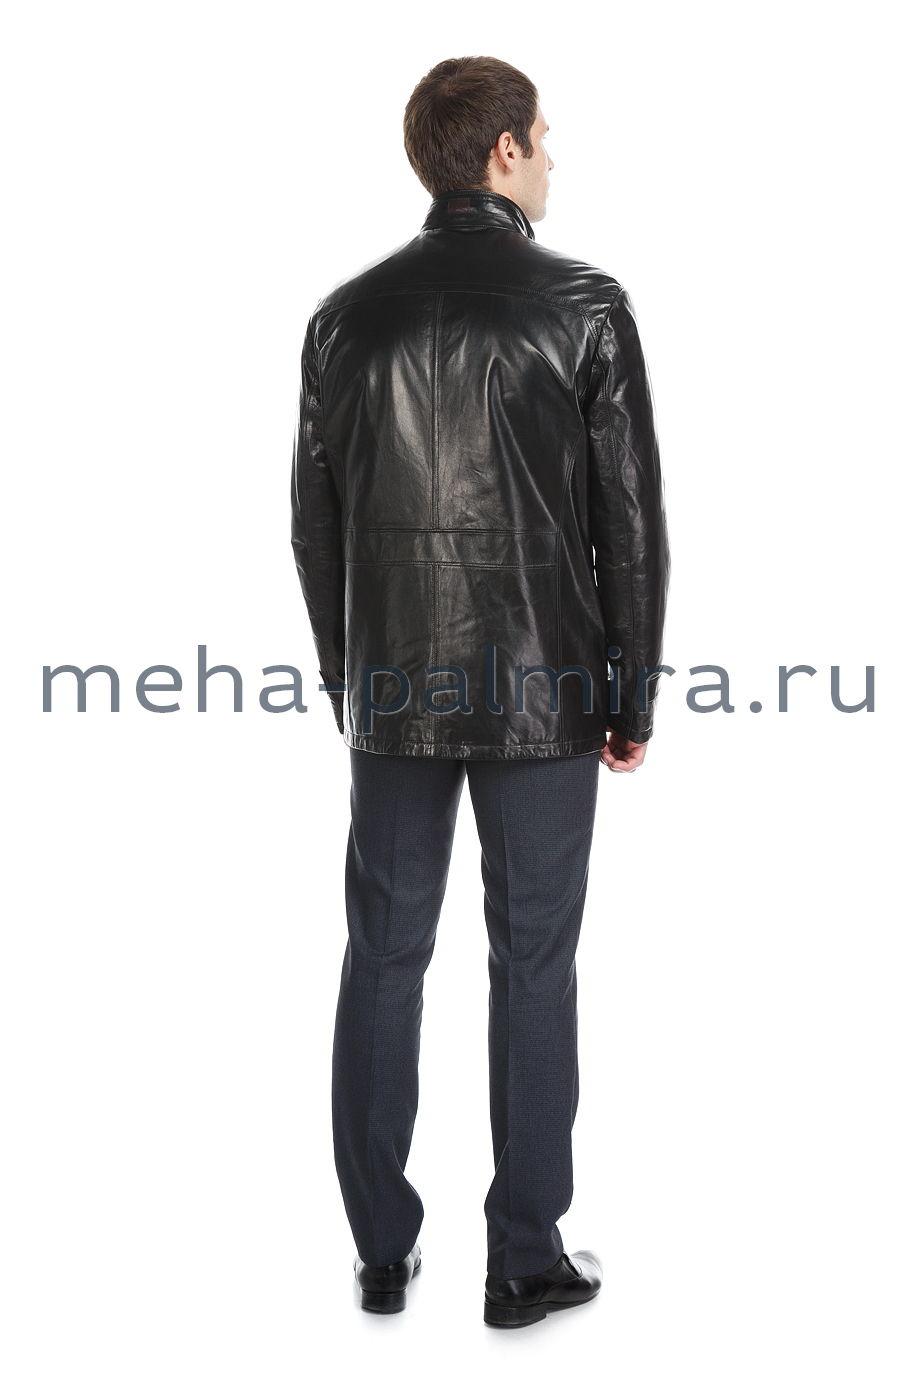 Мужской кожаный френч с воротником-стойкой, цвет - черный